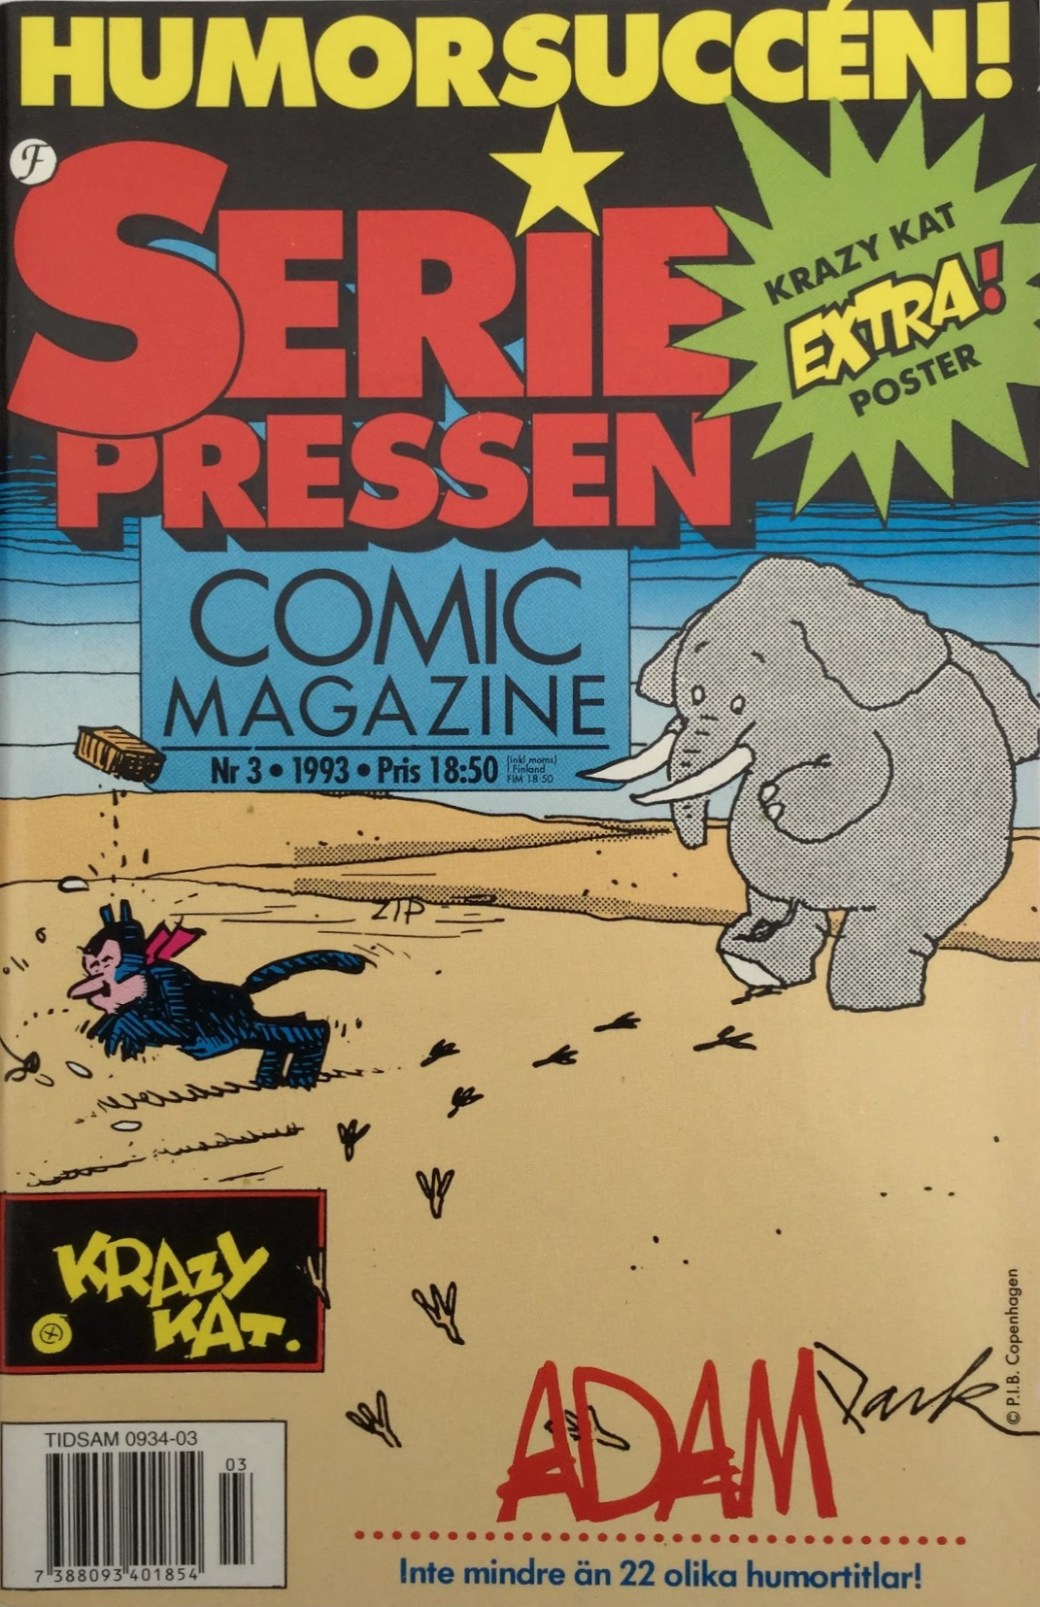 SeriePressen nr3, 1993 från Formatic Press 1993-94